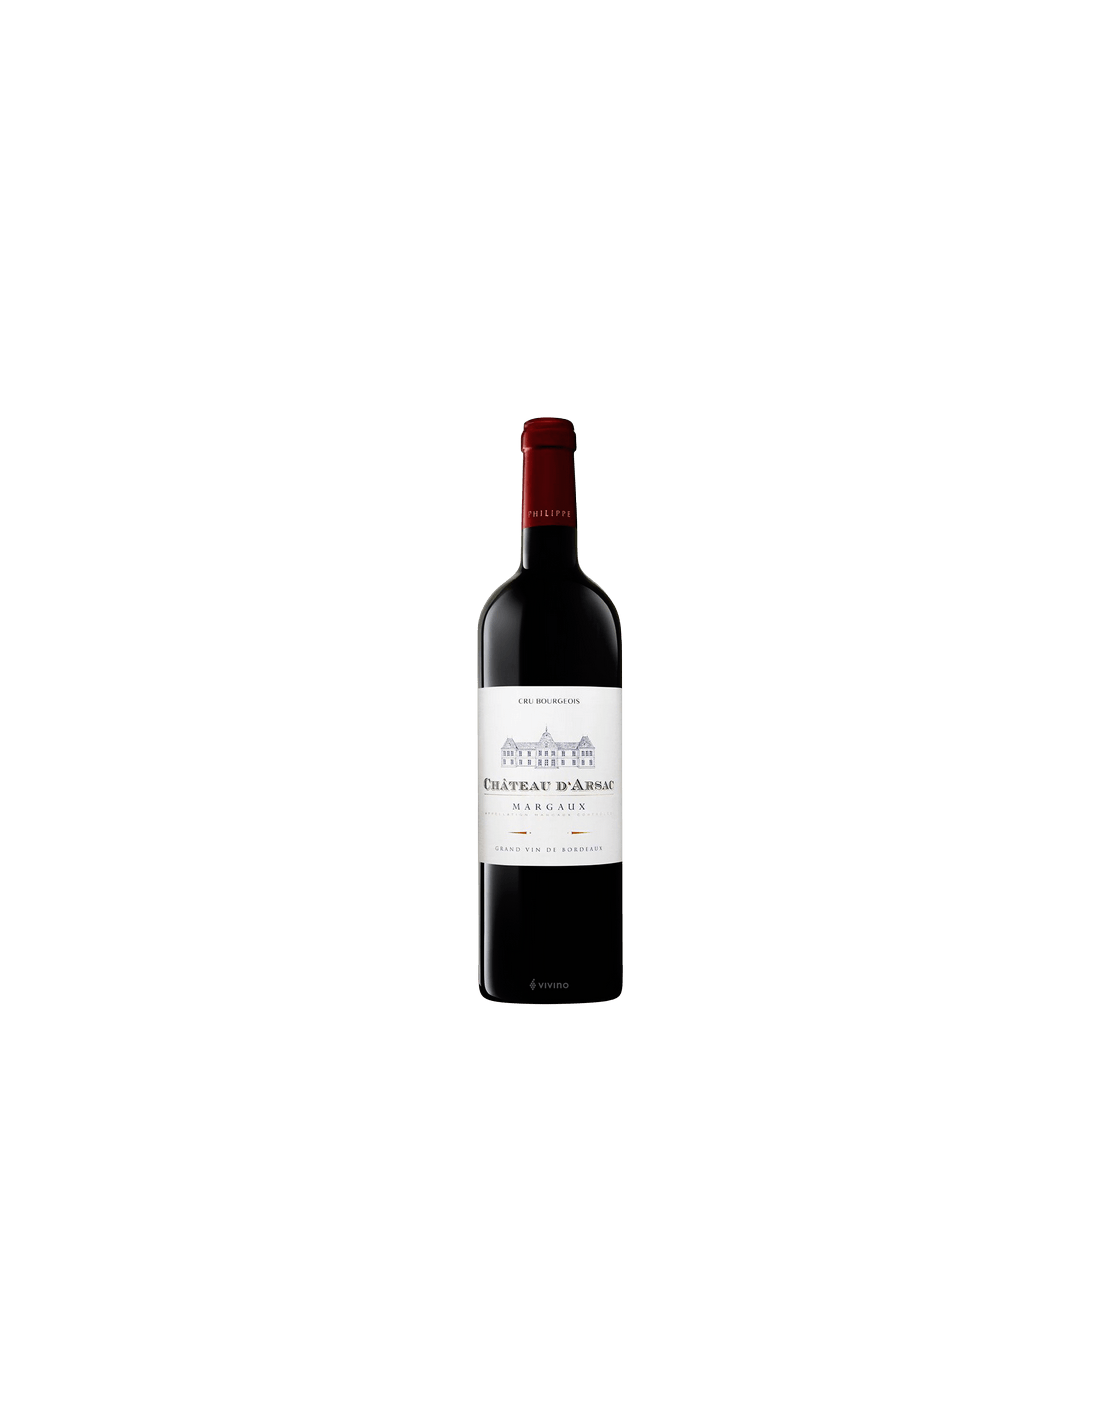 Vin rosu, Cupaj, Chateau DArsac Margaux, 0.75L,13.5% alc., Franta